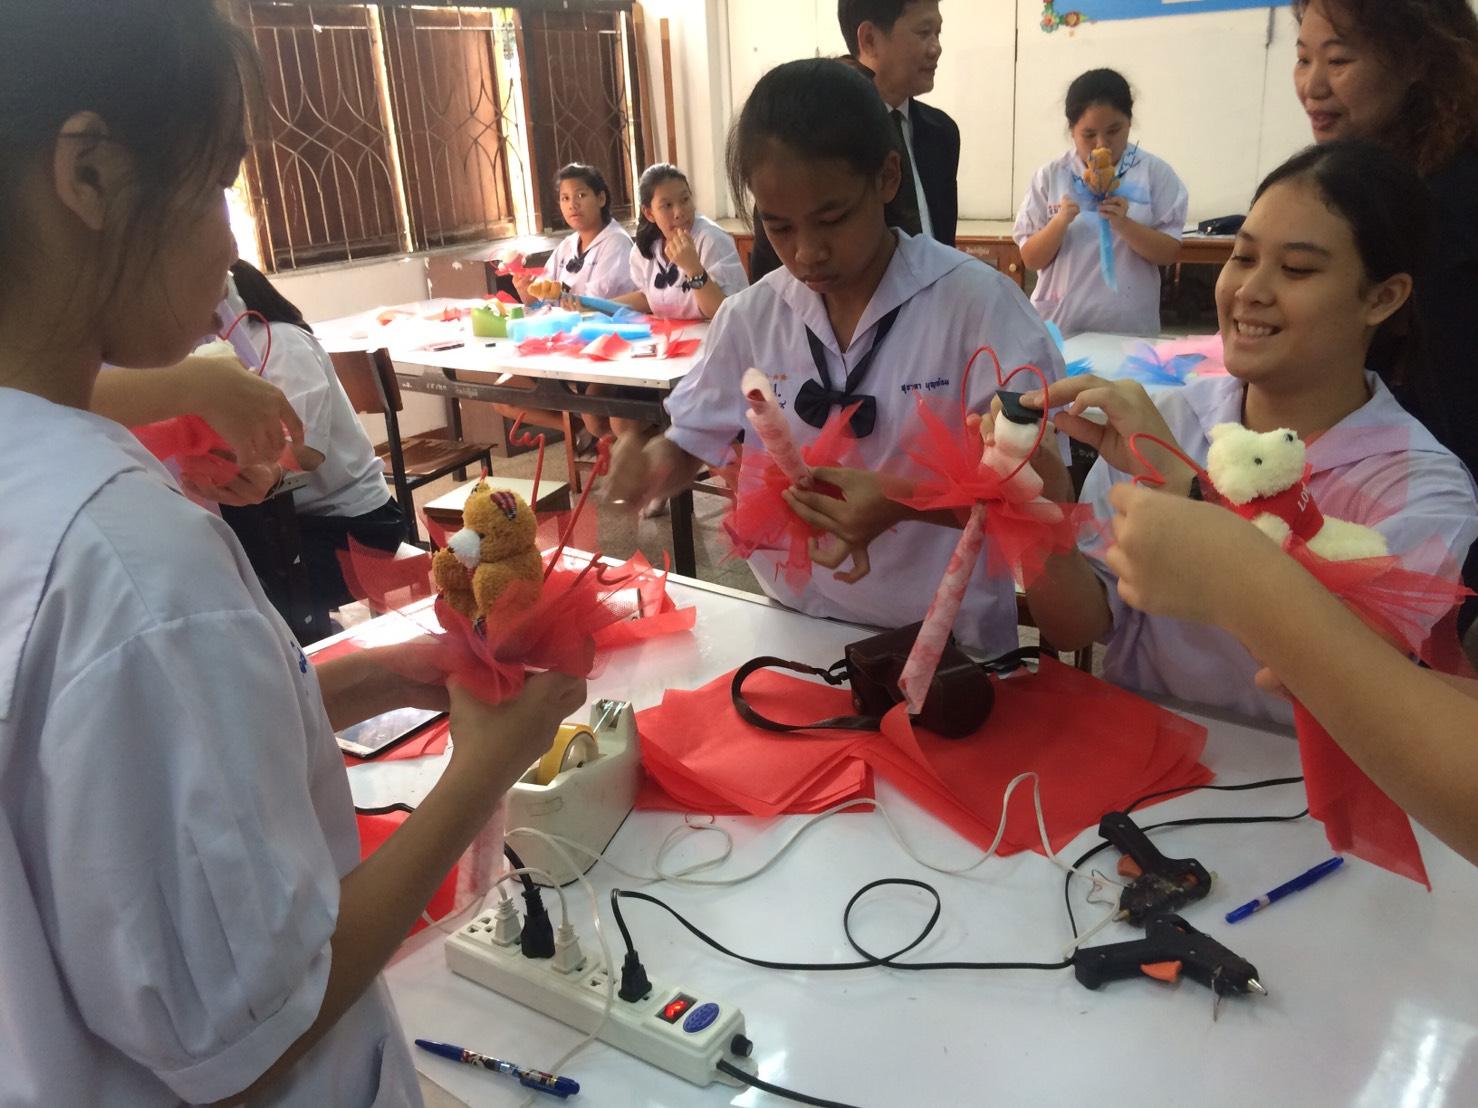 กิจกรรมโครงการเตรียมความพร้อมแก่กำลังแรงงาน ณ โรงเรียนสายน้ำผึ้งในพระอุปถัมภ์ฯ